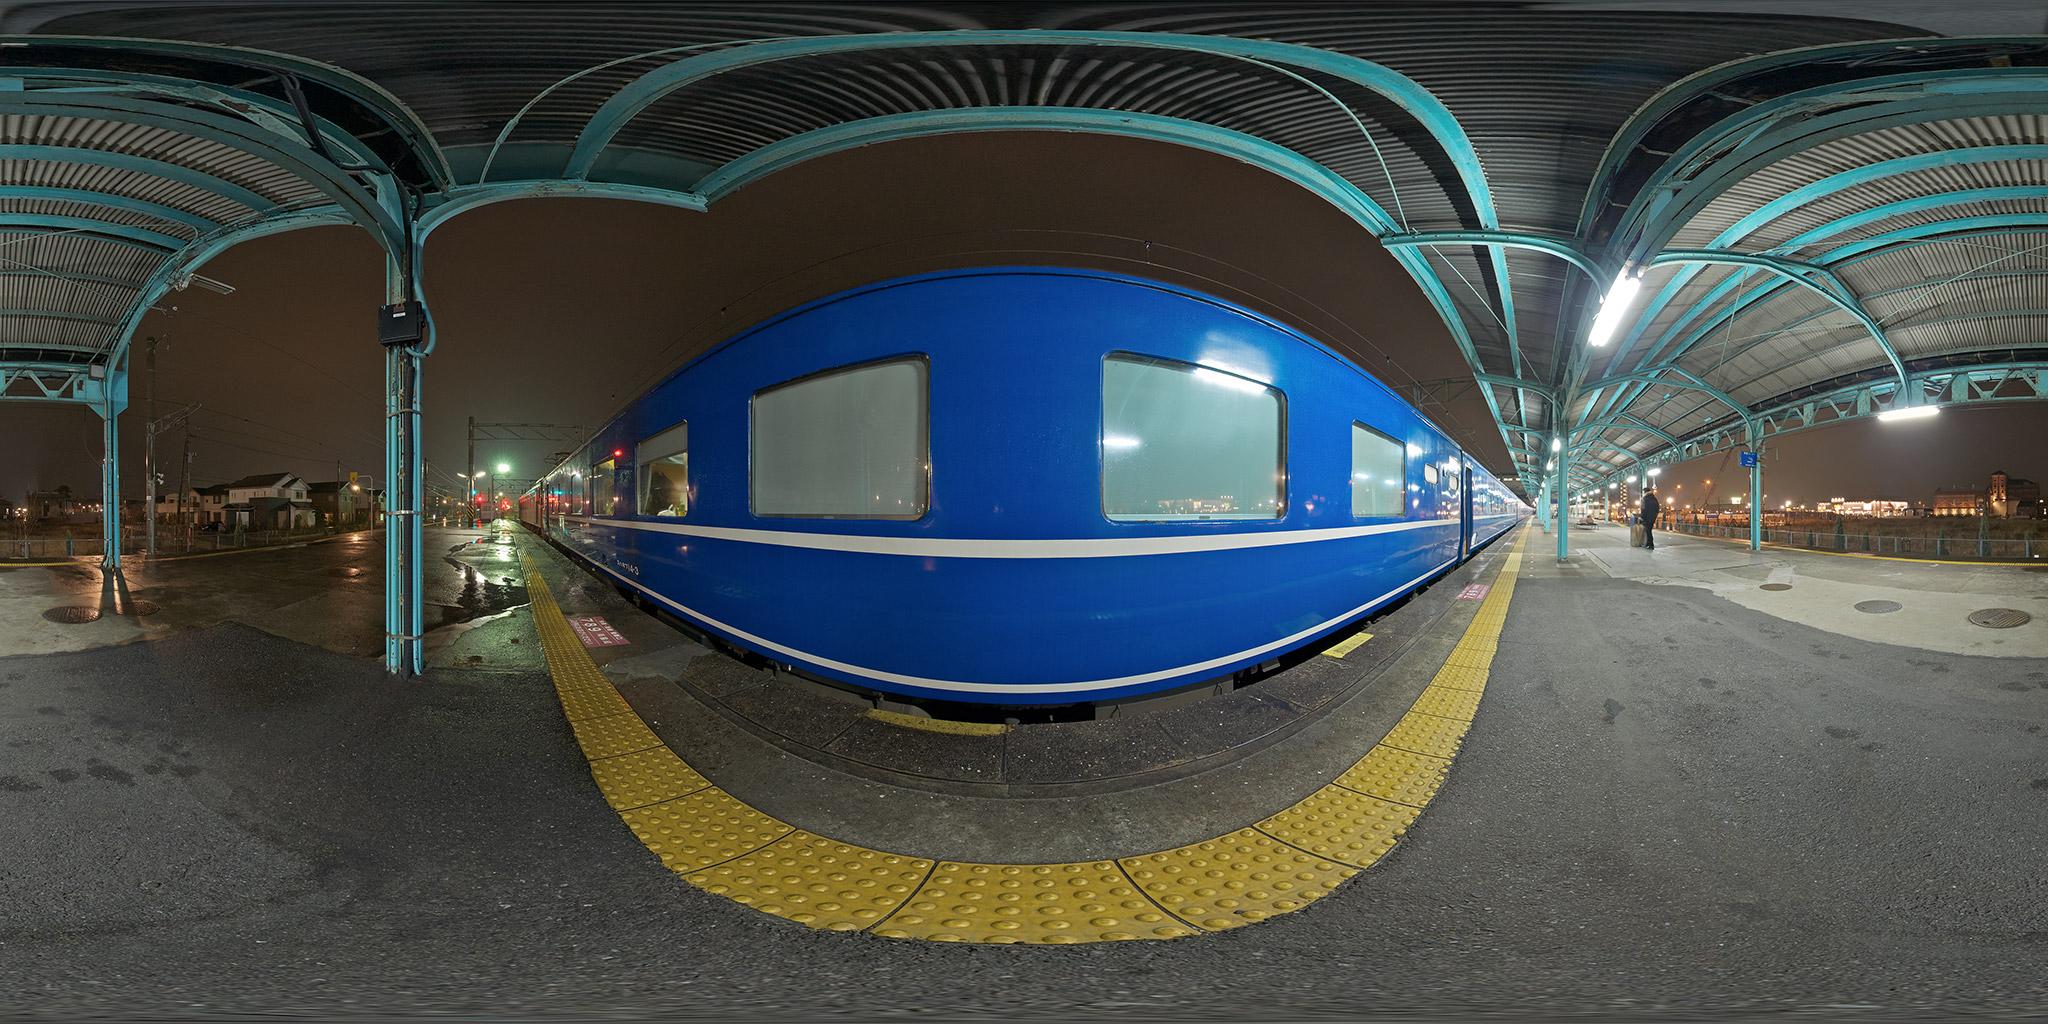 門司駅を発車する東京行き「富士・はやぶさ」